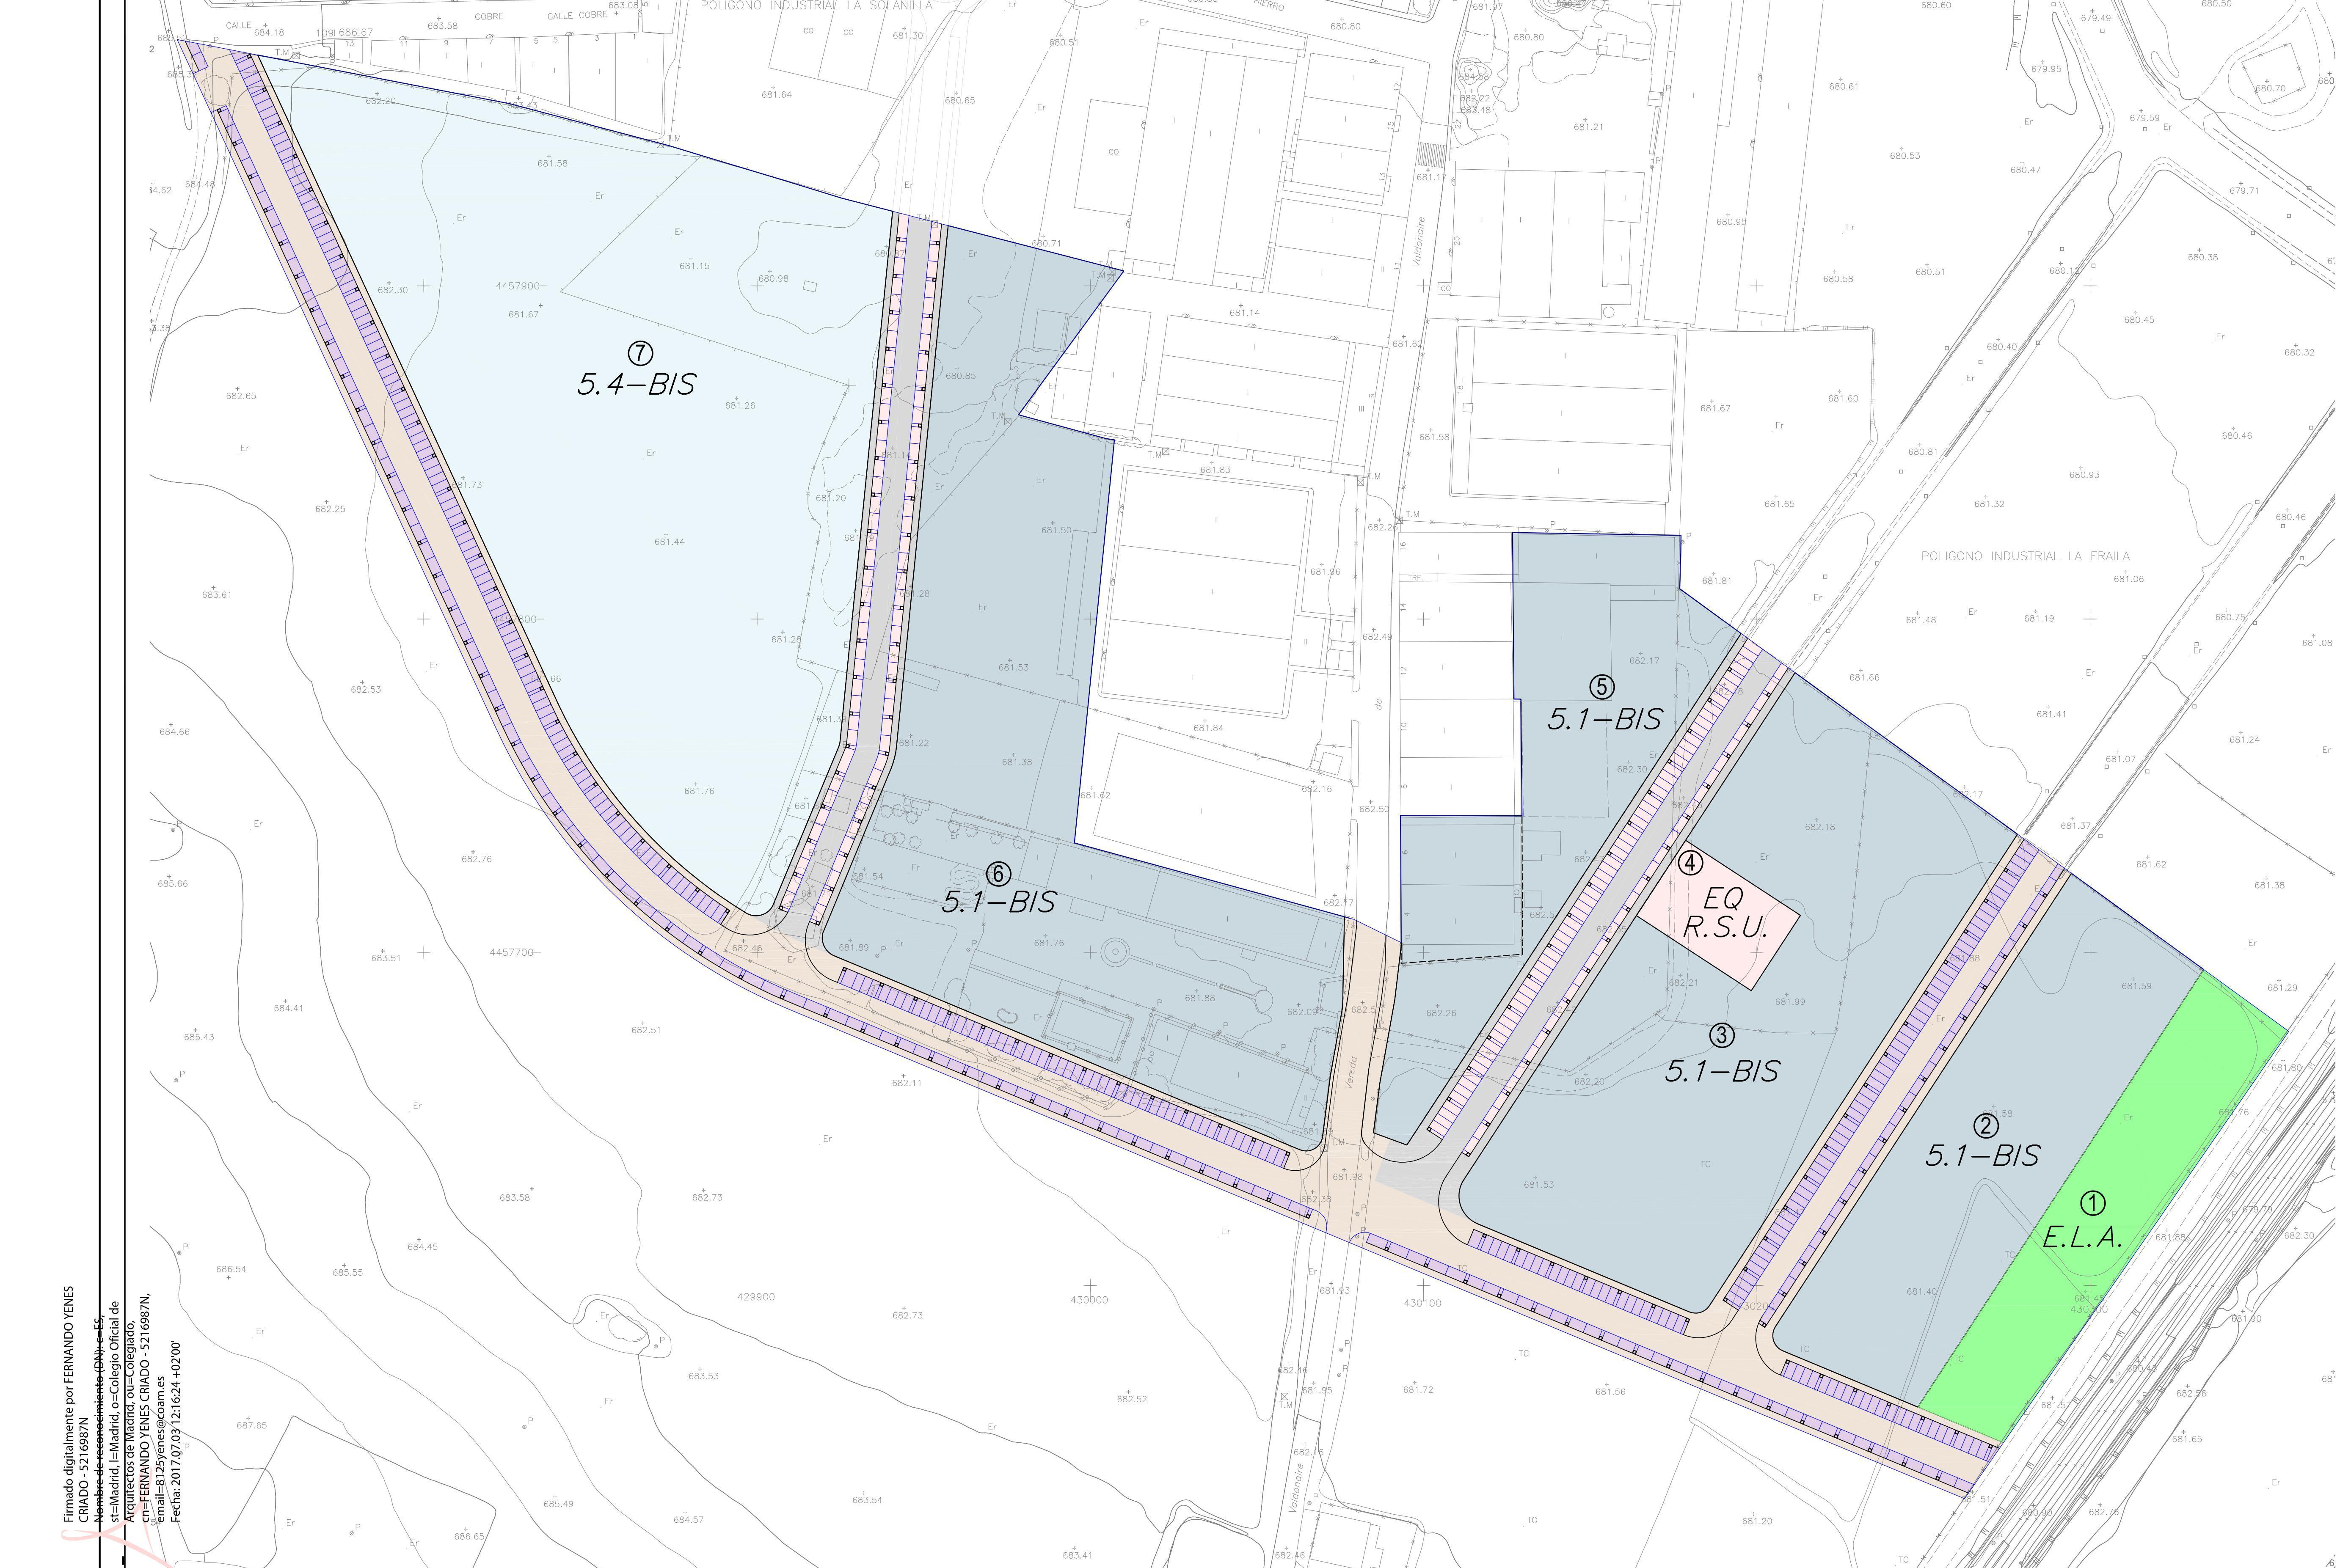 Aprobación definitiva del Plan Parcial para la implantación de empresas en el sector A «La Fraila I» sobre una superficie de 107.000 metros cuadrados.